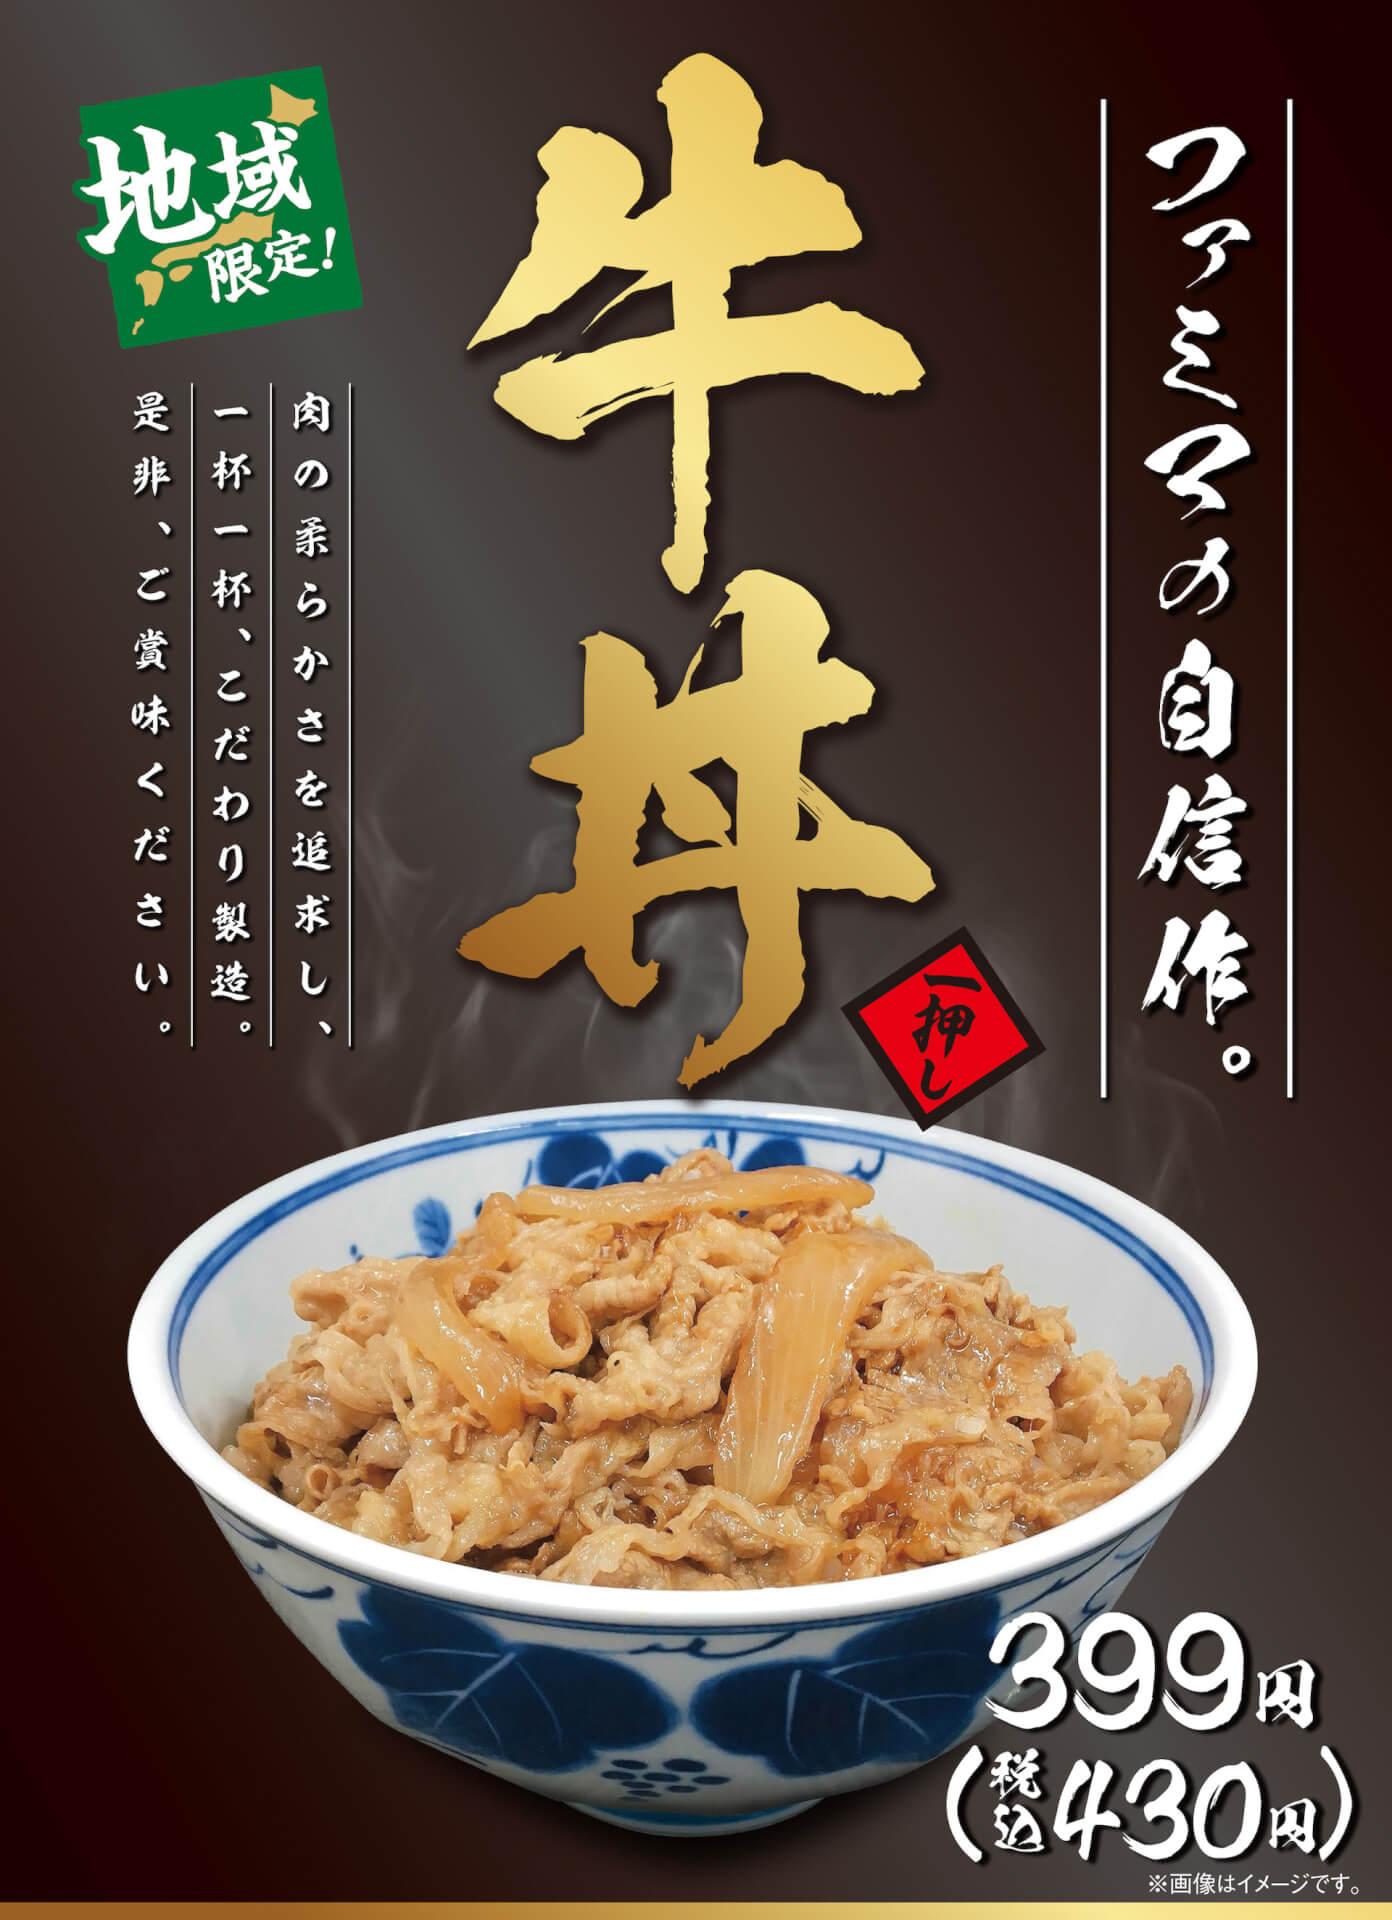 ファミリーマートで地域限定のジューシーな「牛丼」が発売決定!明日14日から gourmet200713_familymart_1